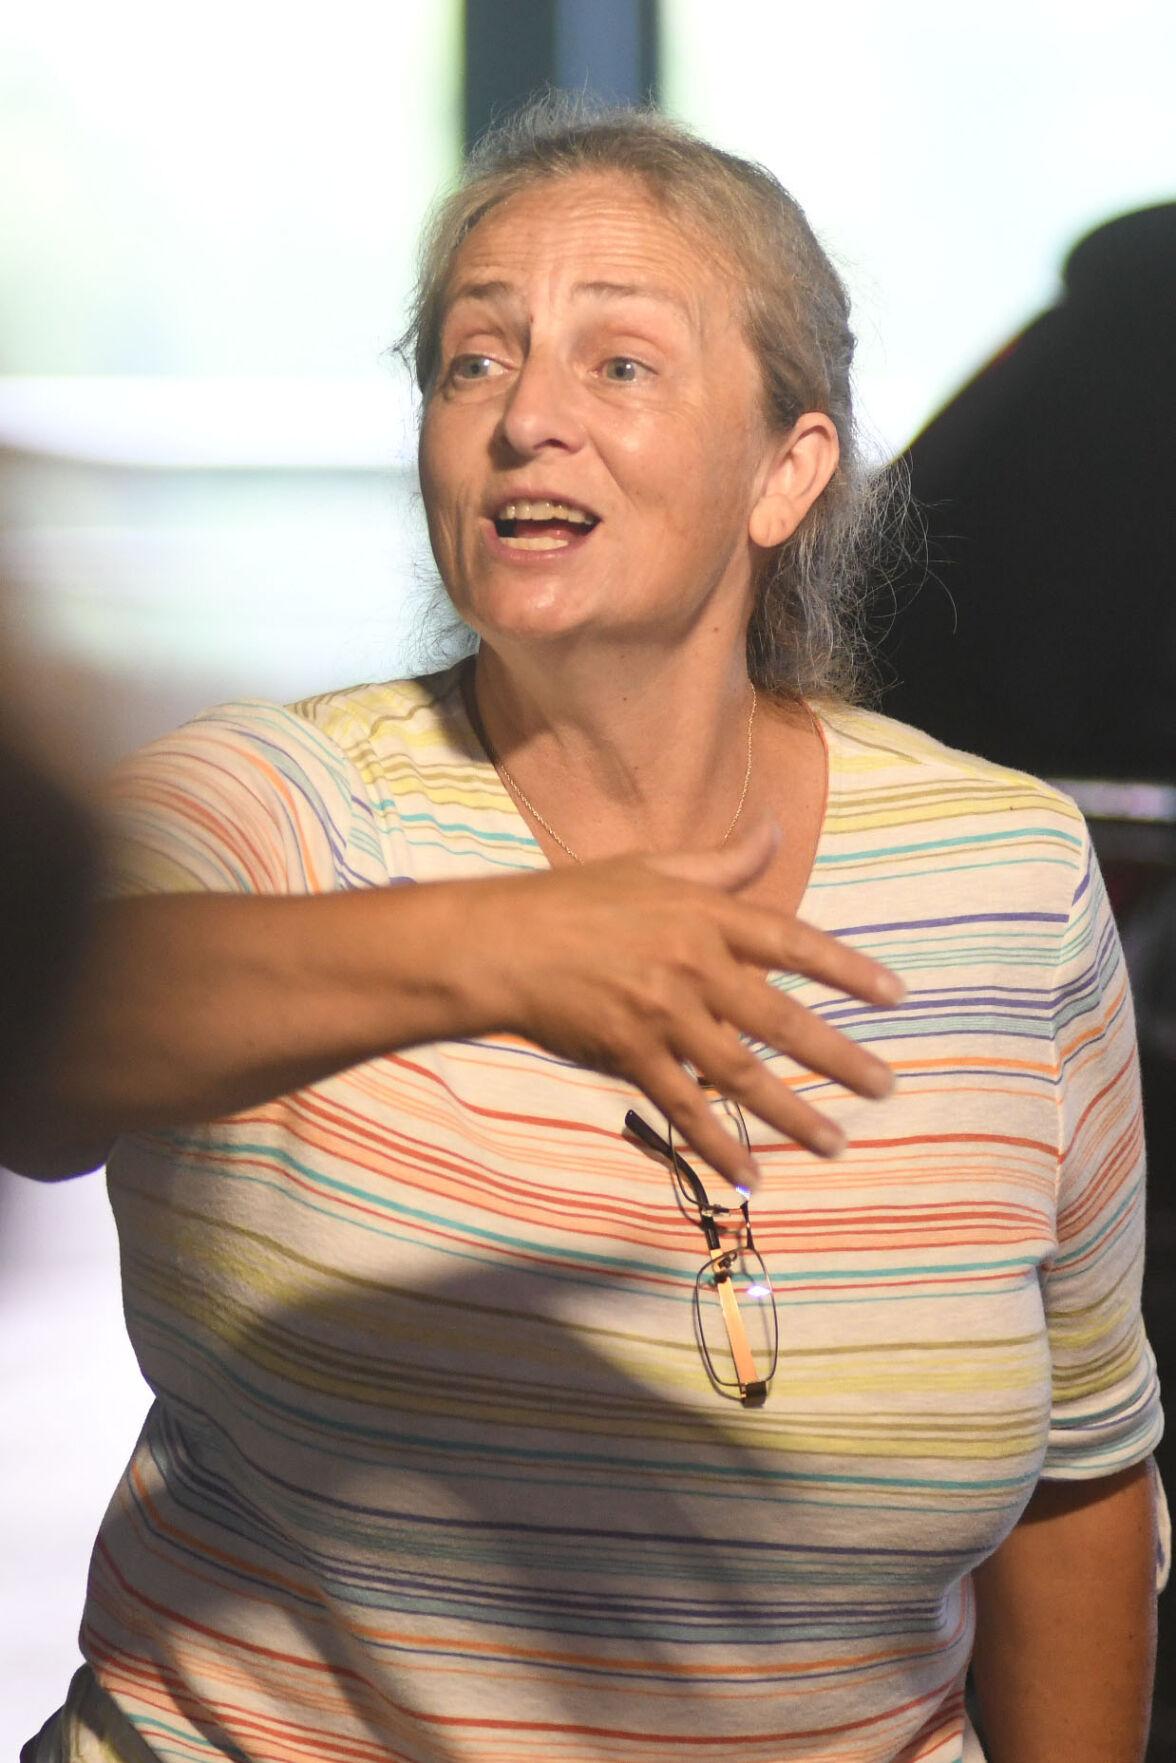 A woman sings